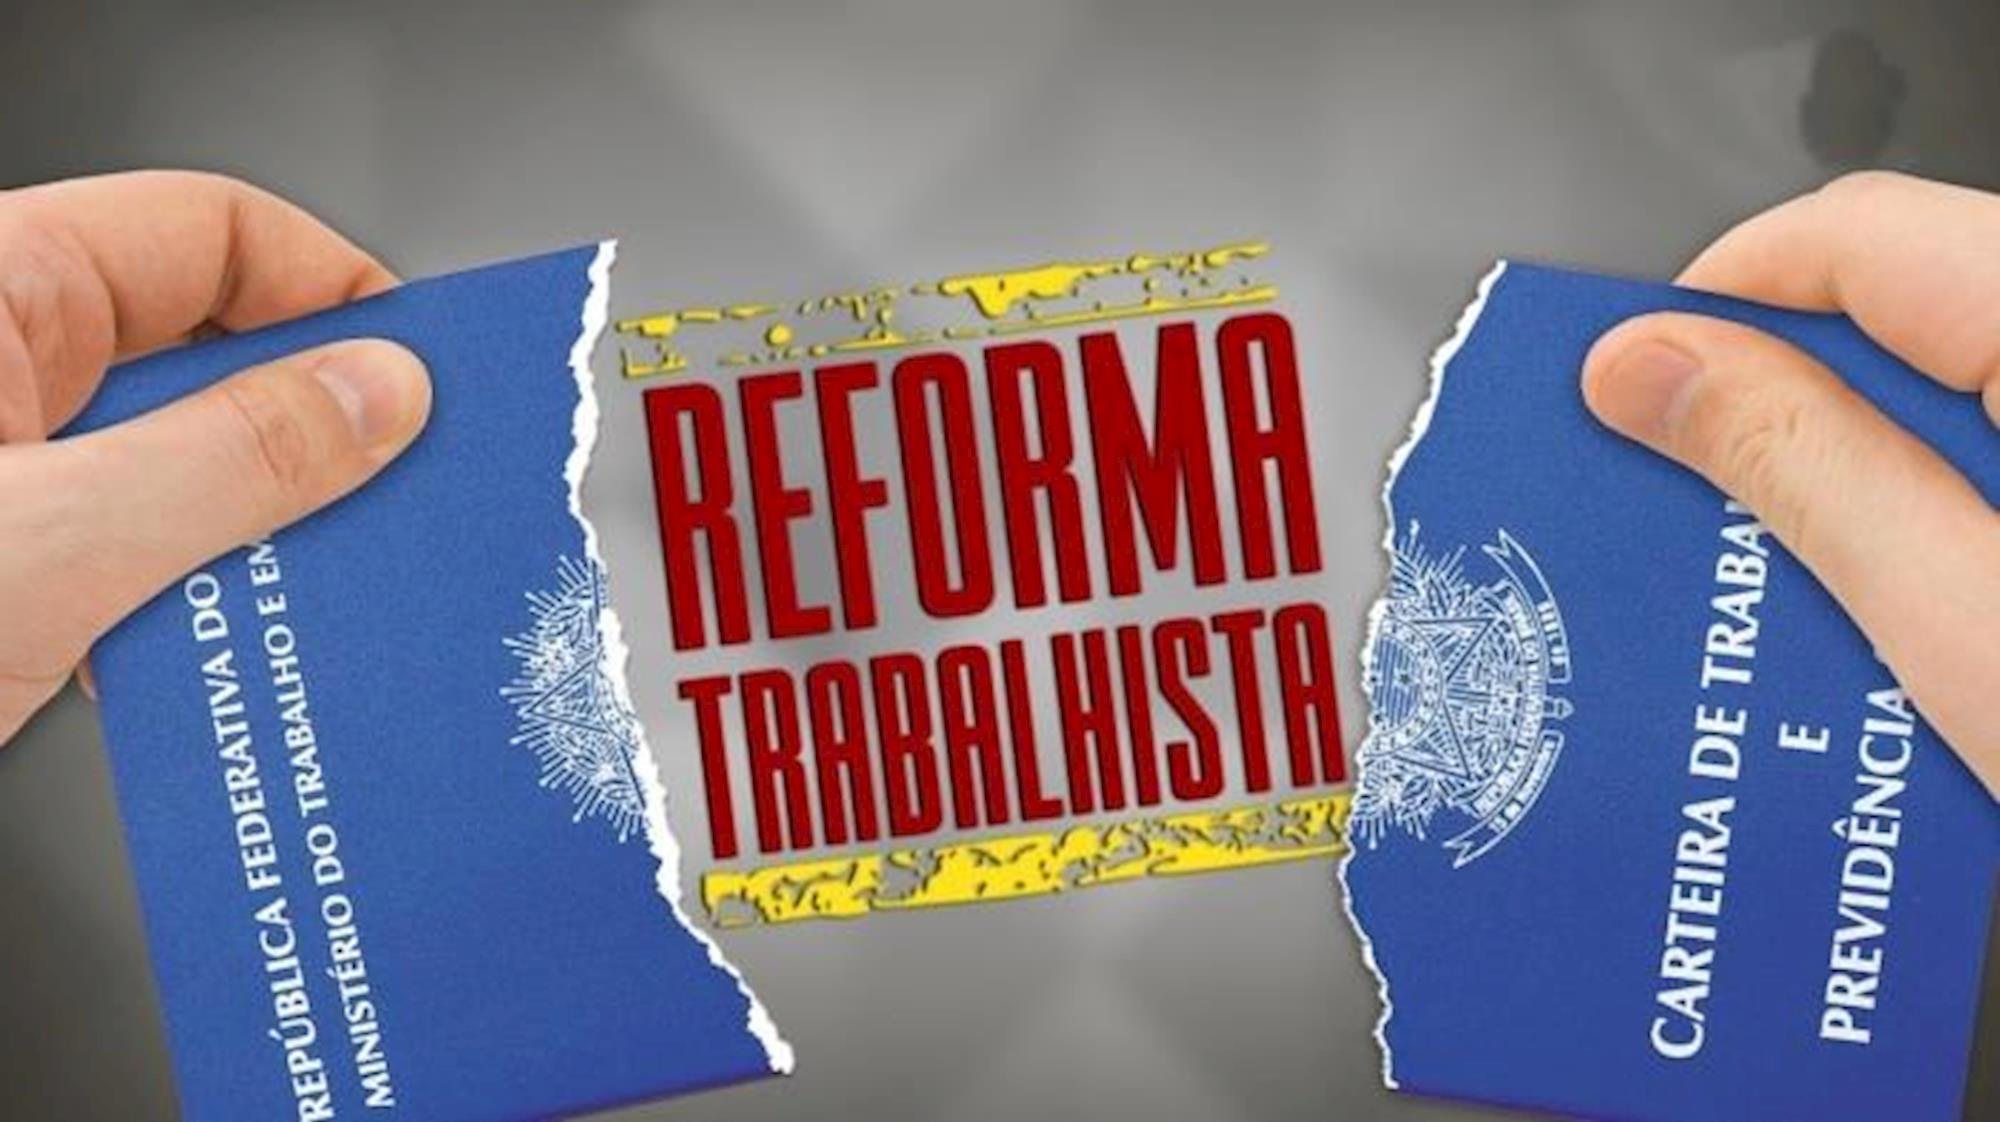 O Que Mudou Com A Reforma Trabalhista E Esocial - - Saiba o que mudou com a Reforma Trabalhista e eSocial para Prestadores de Serviços!